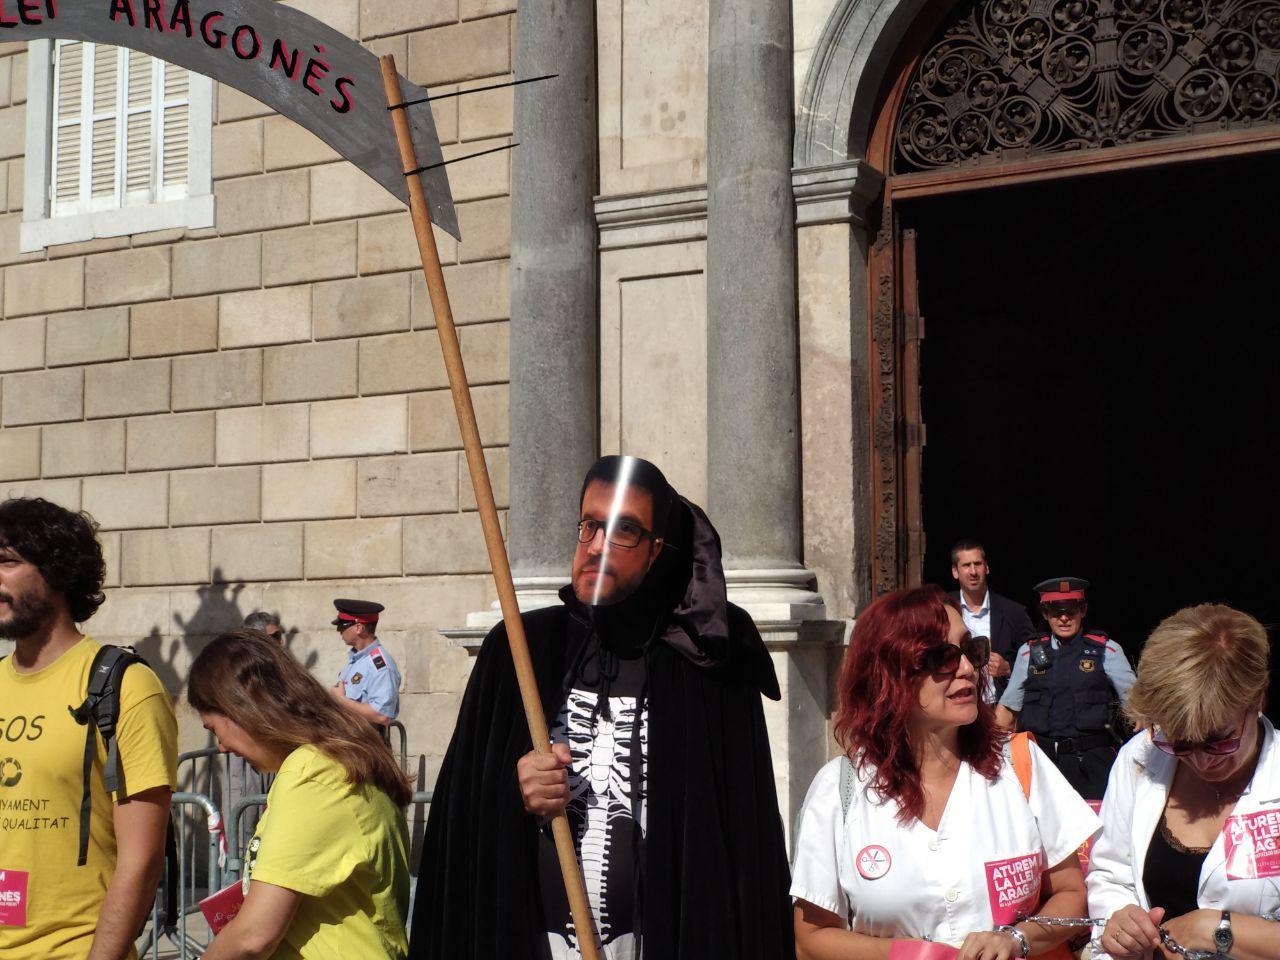 Sindicats i organitzacions socials posen en marxa un front contra la 'Llei Aragonès' a la que acusen de privatitzar els serveis públics